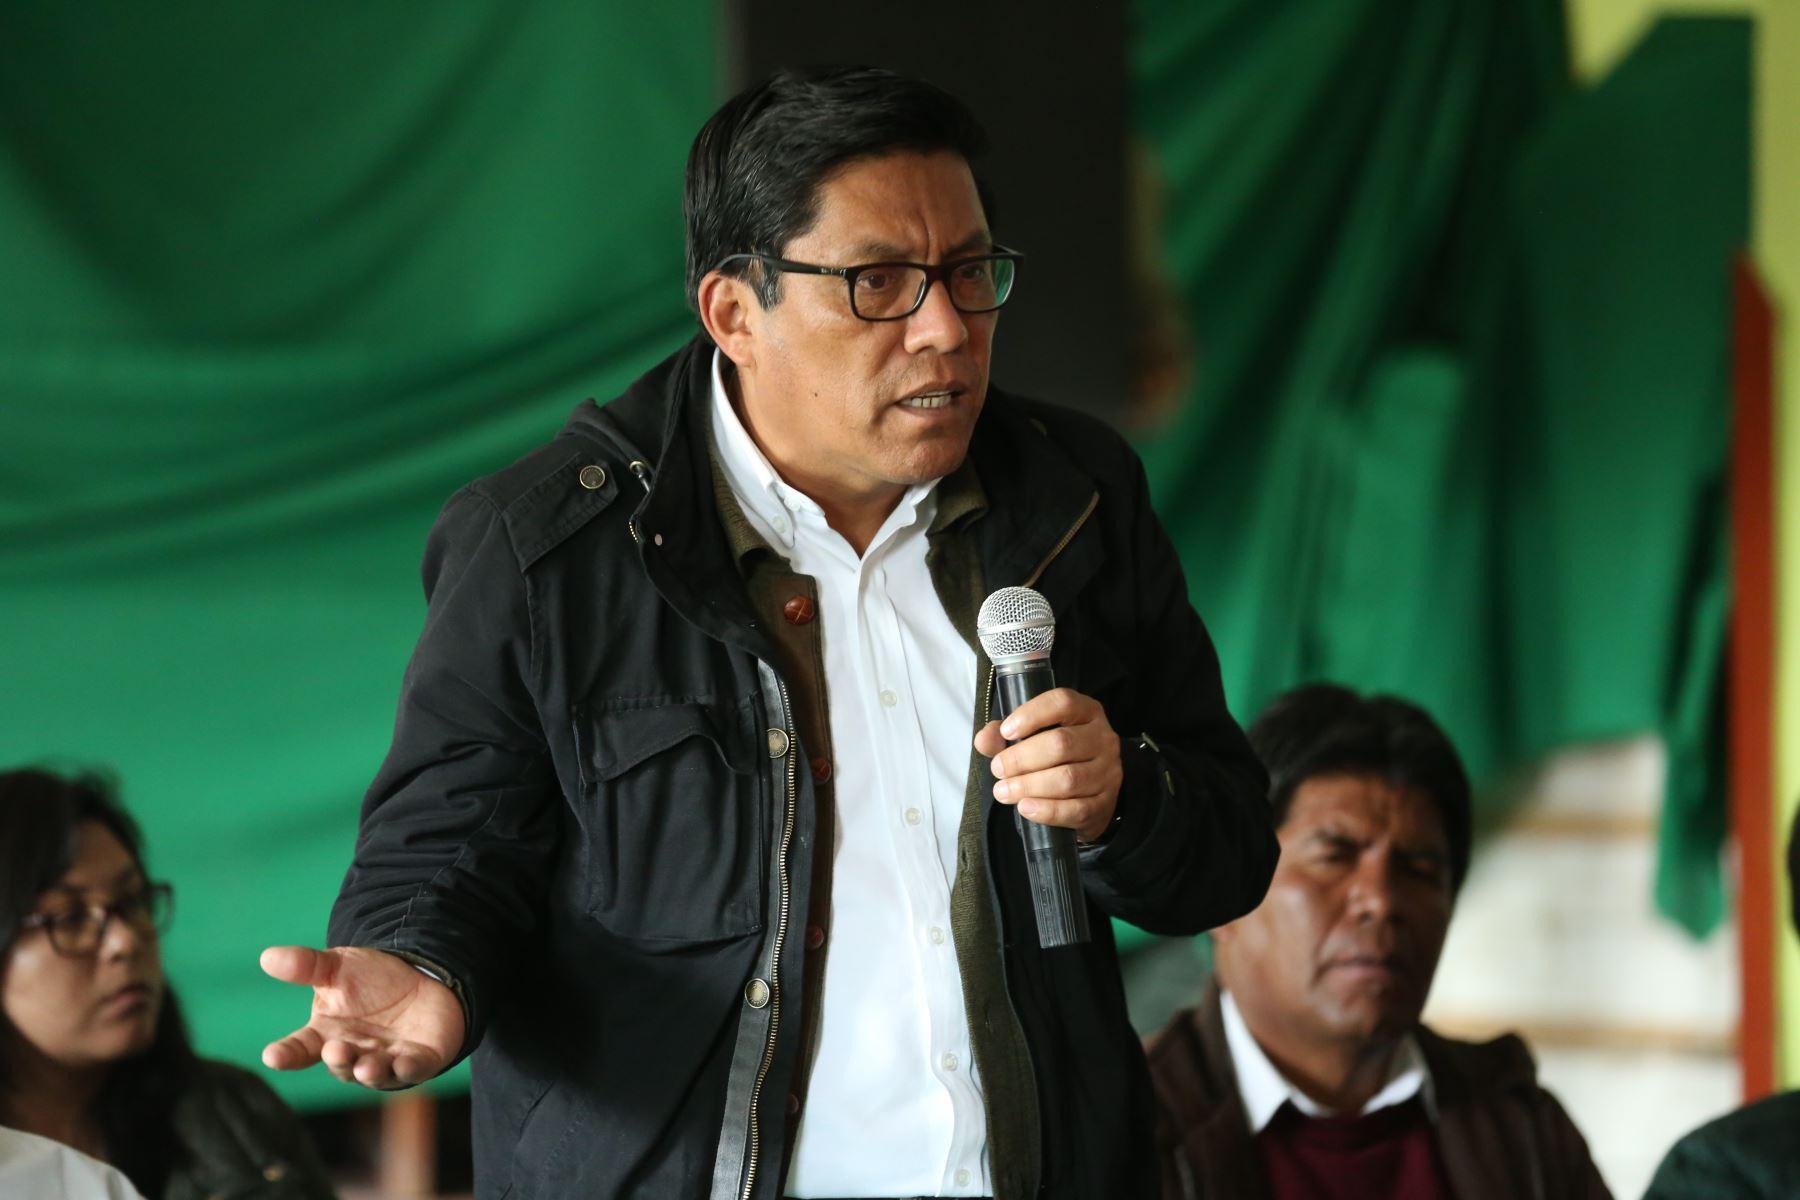 El presidente del Consejo de Minsitros se reúne con Pobladores del Centro Poblado Tintaya Marquiri  junto a dirigentes de 13 comunidades campesinas del área de influencia directa de la unidad minera Antapaccay Foto: PCM